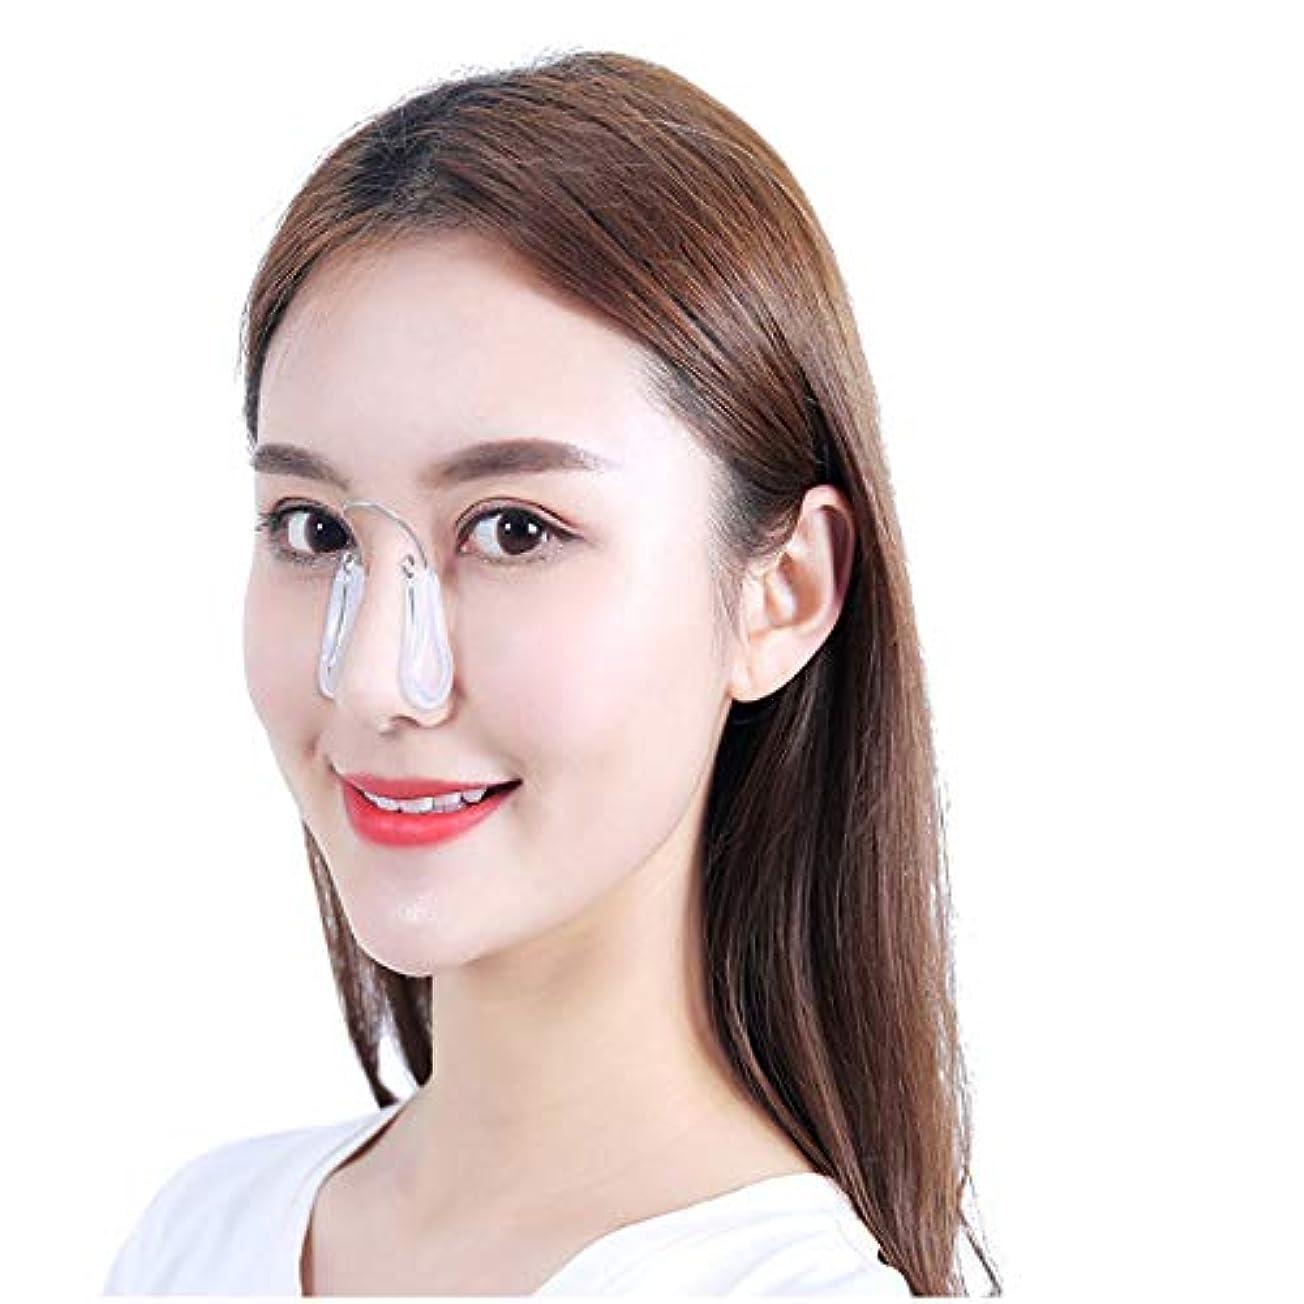 フレット矩形ロボットGOIOD 美鼻ケア 鼻 人工鼻 増強美容 鼻のデバイスシリコンクリップ 鼻筋矯正 簡単美鼻ケア